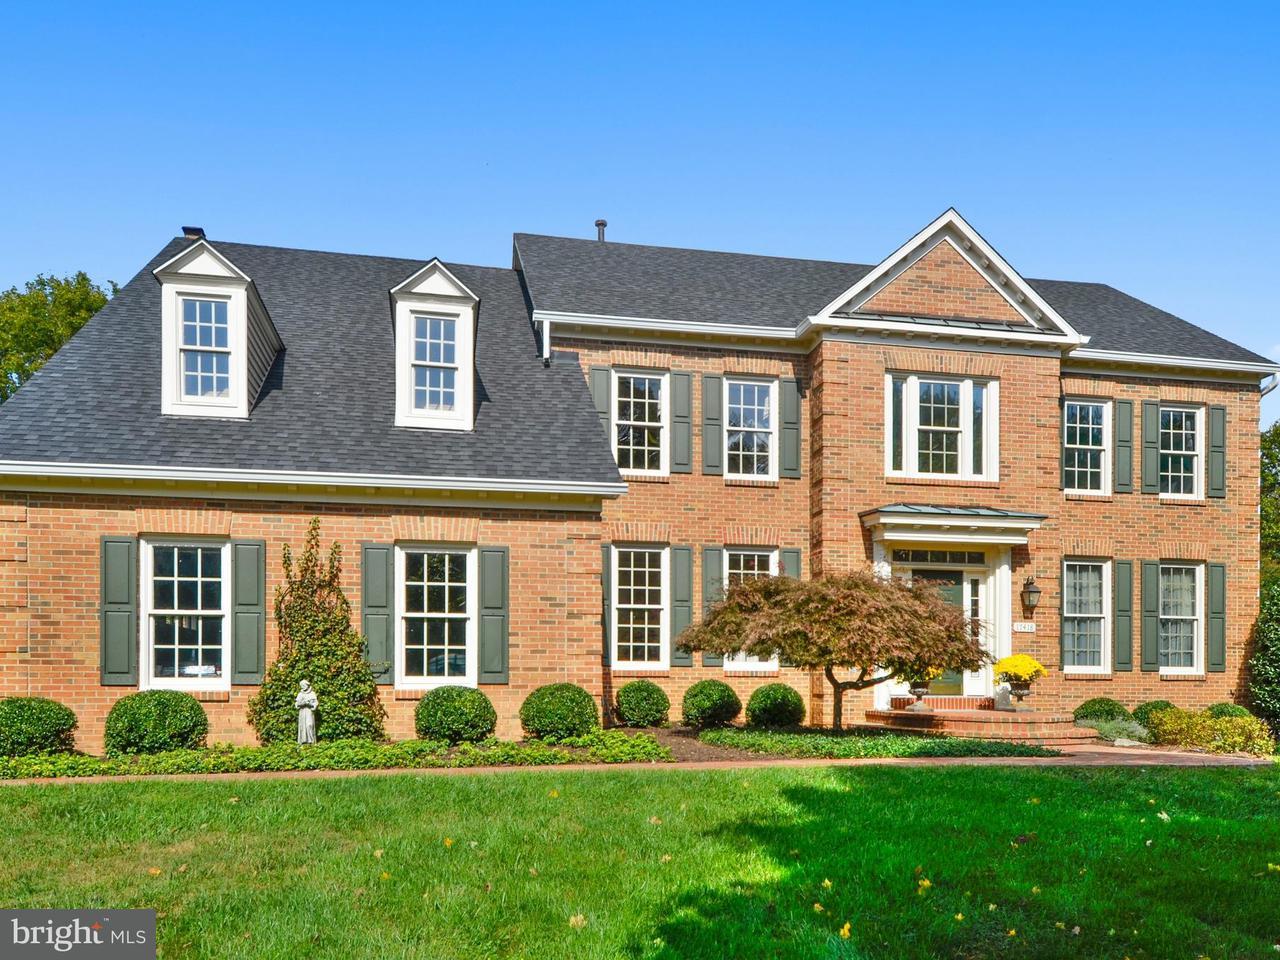 独户住宅 为 销售 在 17418 Avenleigh Drive 17418 Avenleigh Drive Ashton, 马里兰州 20861 美国